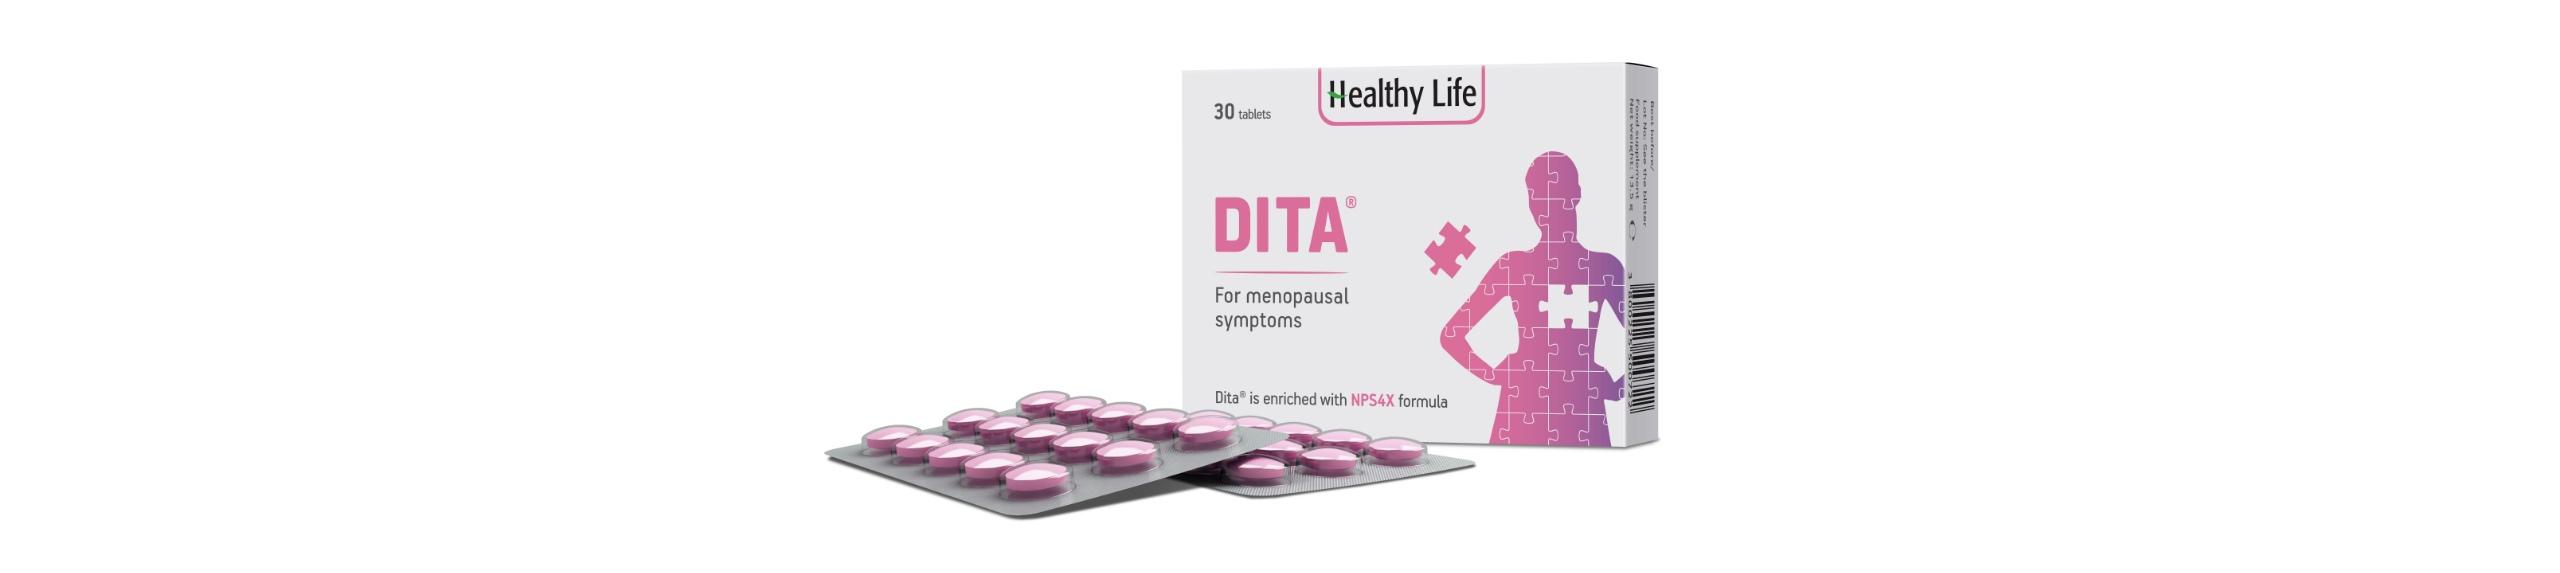 P3-Slider-img-Dita1